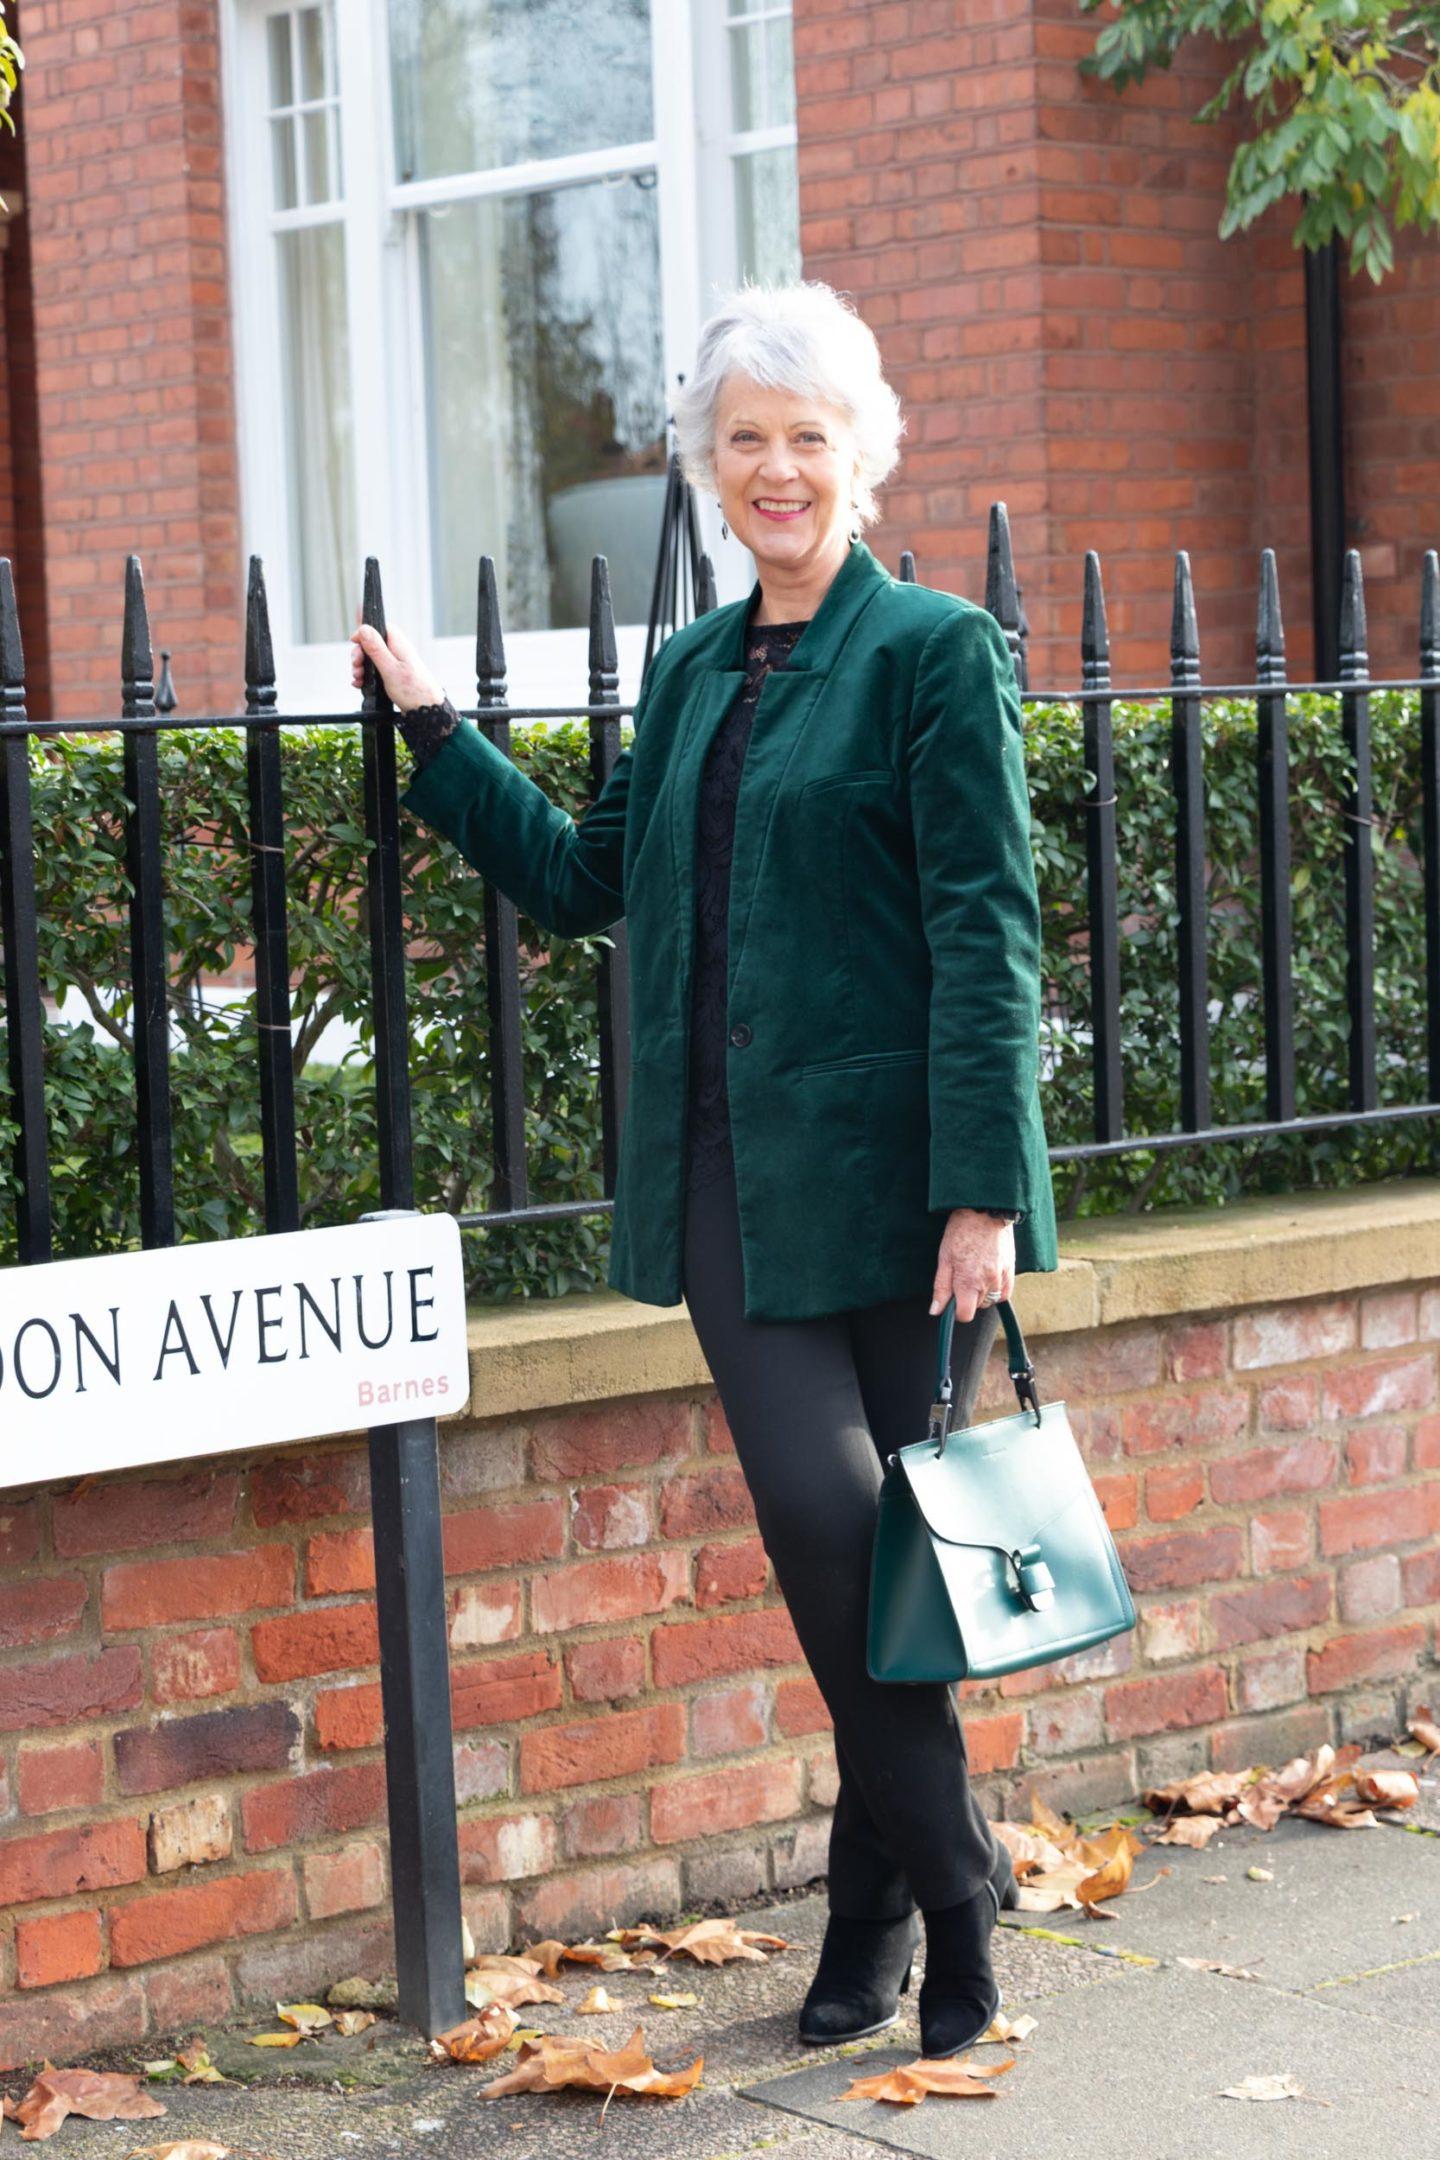 Green velvet jacket and black trousers